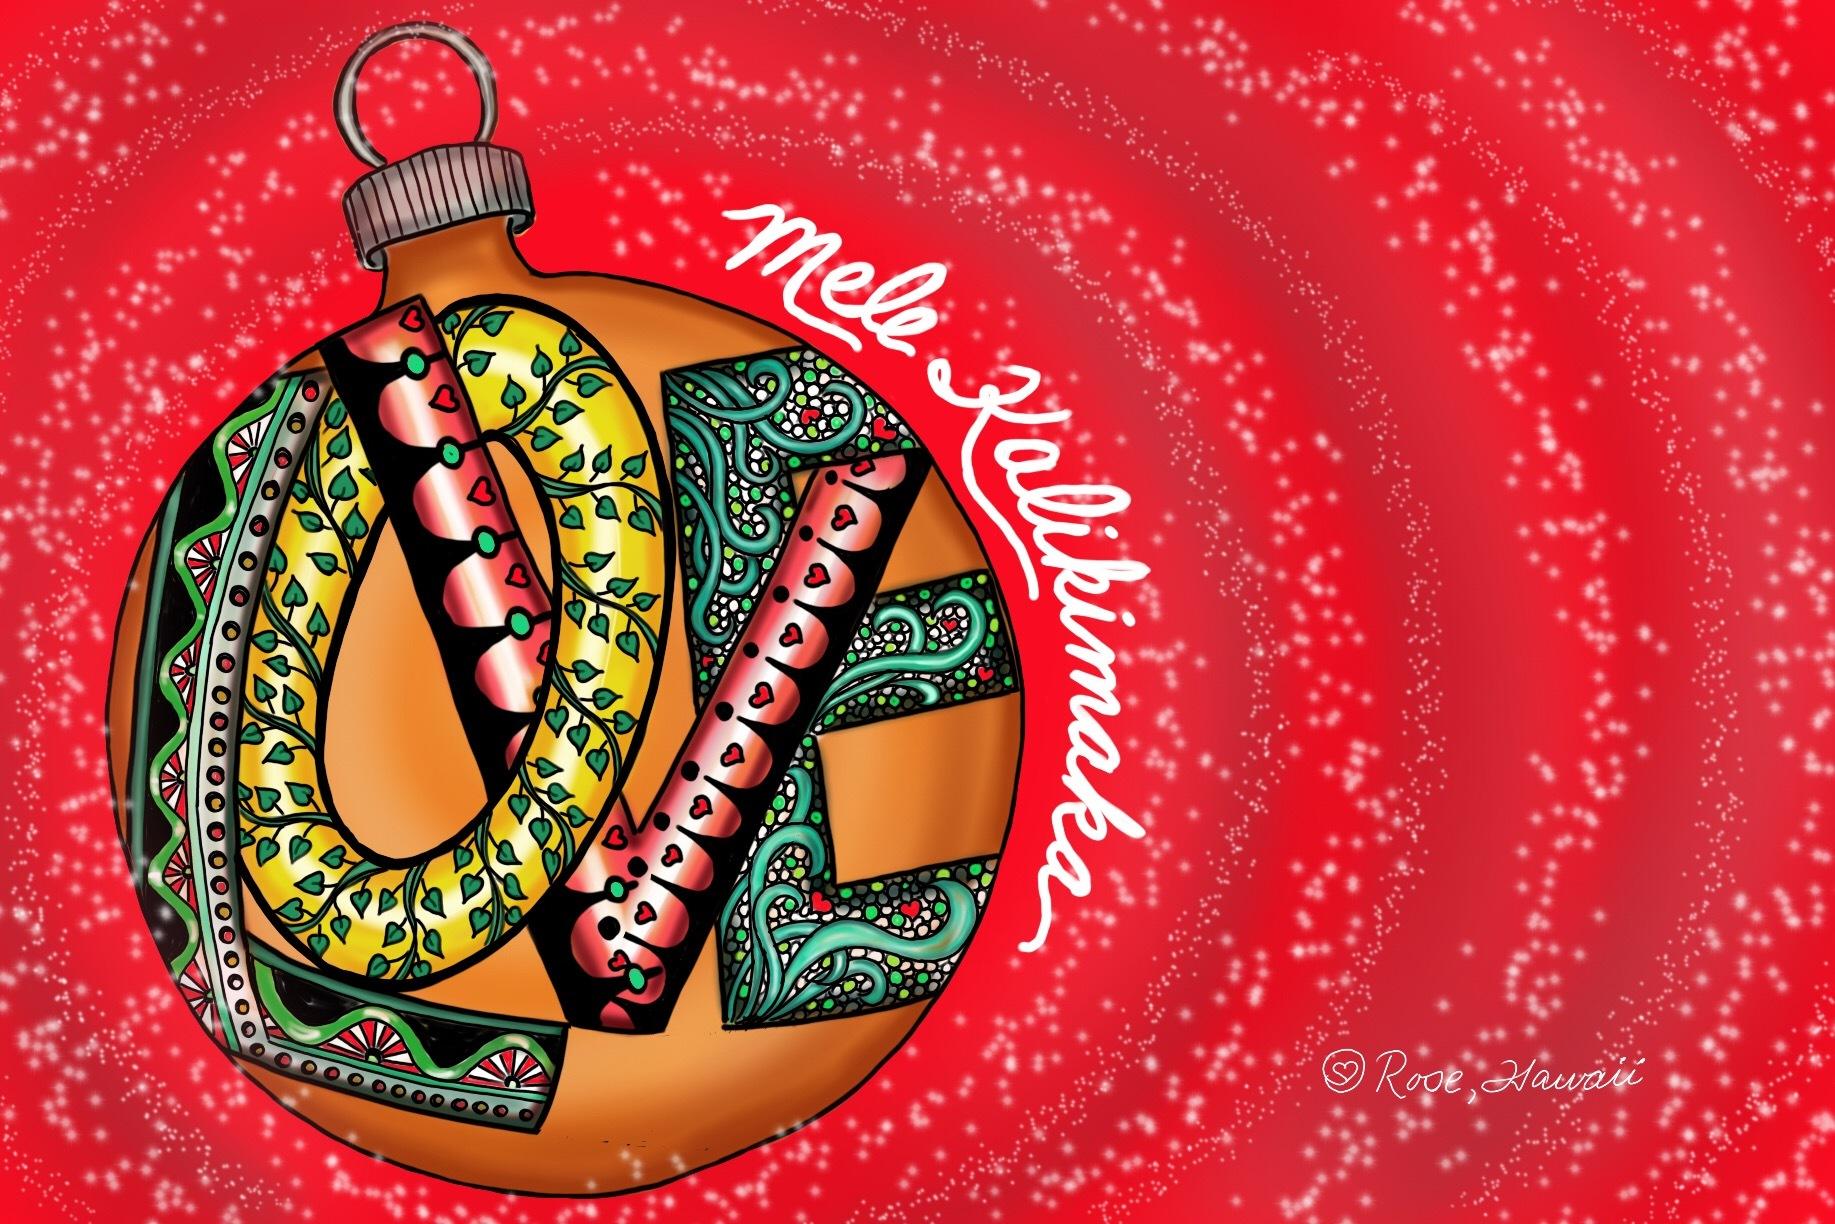 Zentangle Inspired Mele Kalikimaka Love Ornament